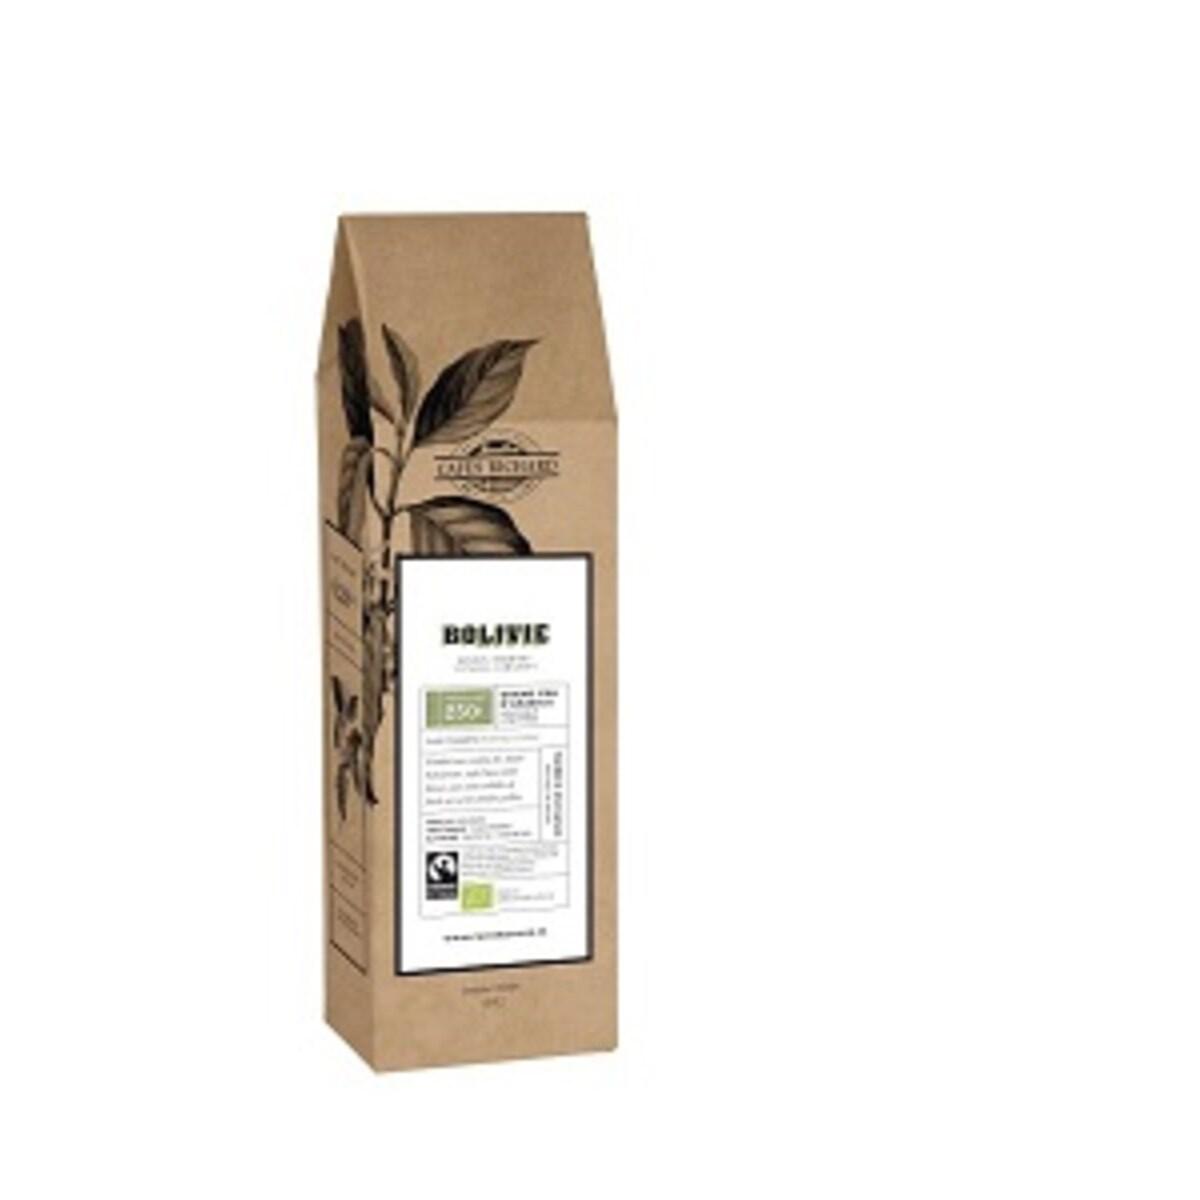 Bolivie Bio от Cafés Richard, кафе на зърна 250гр